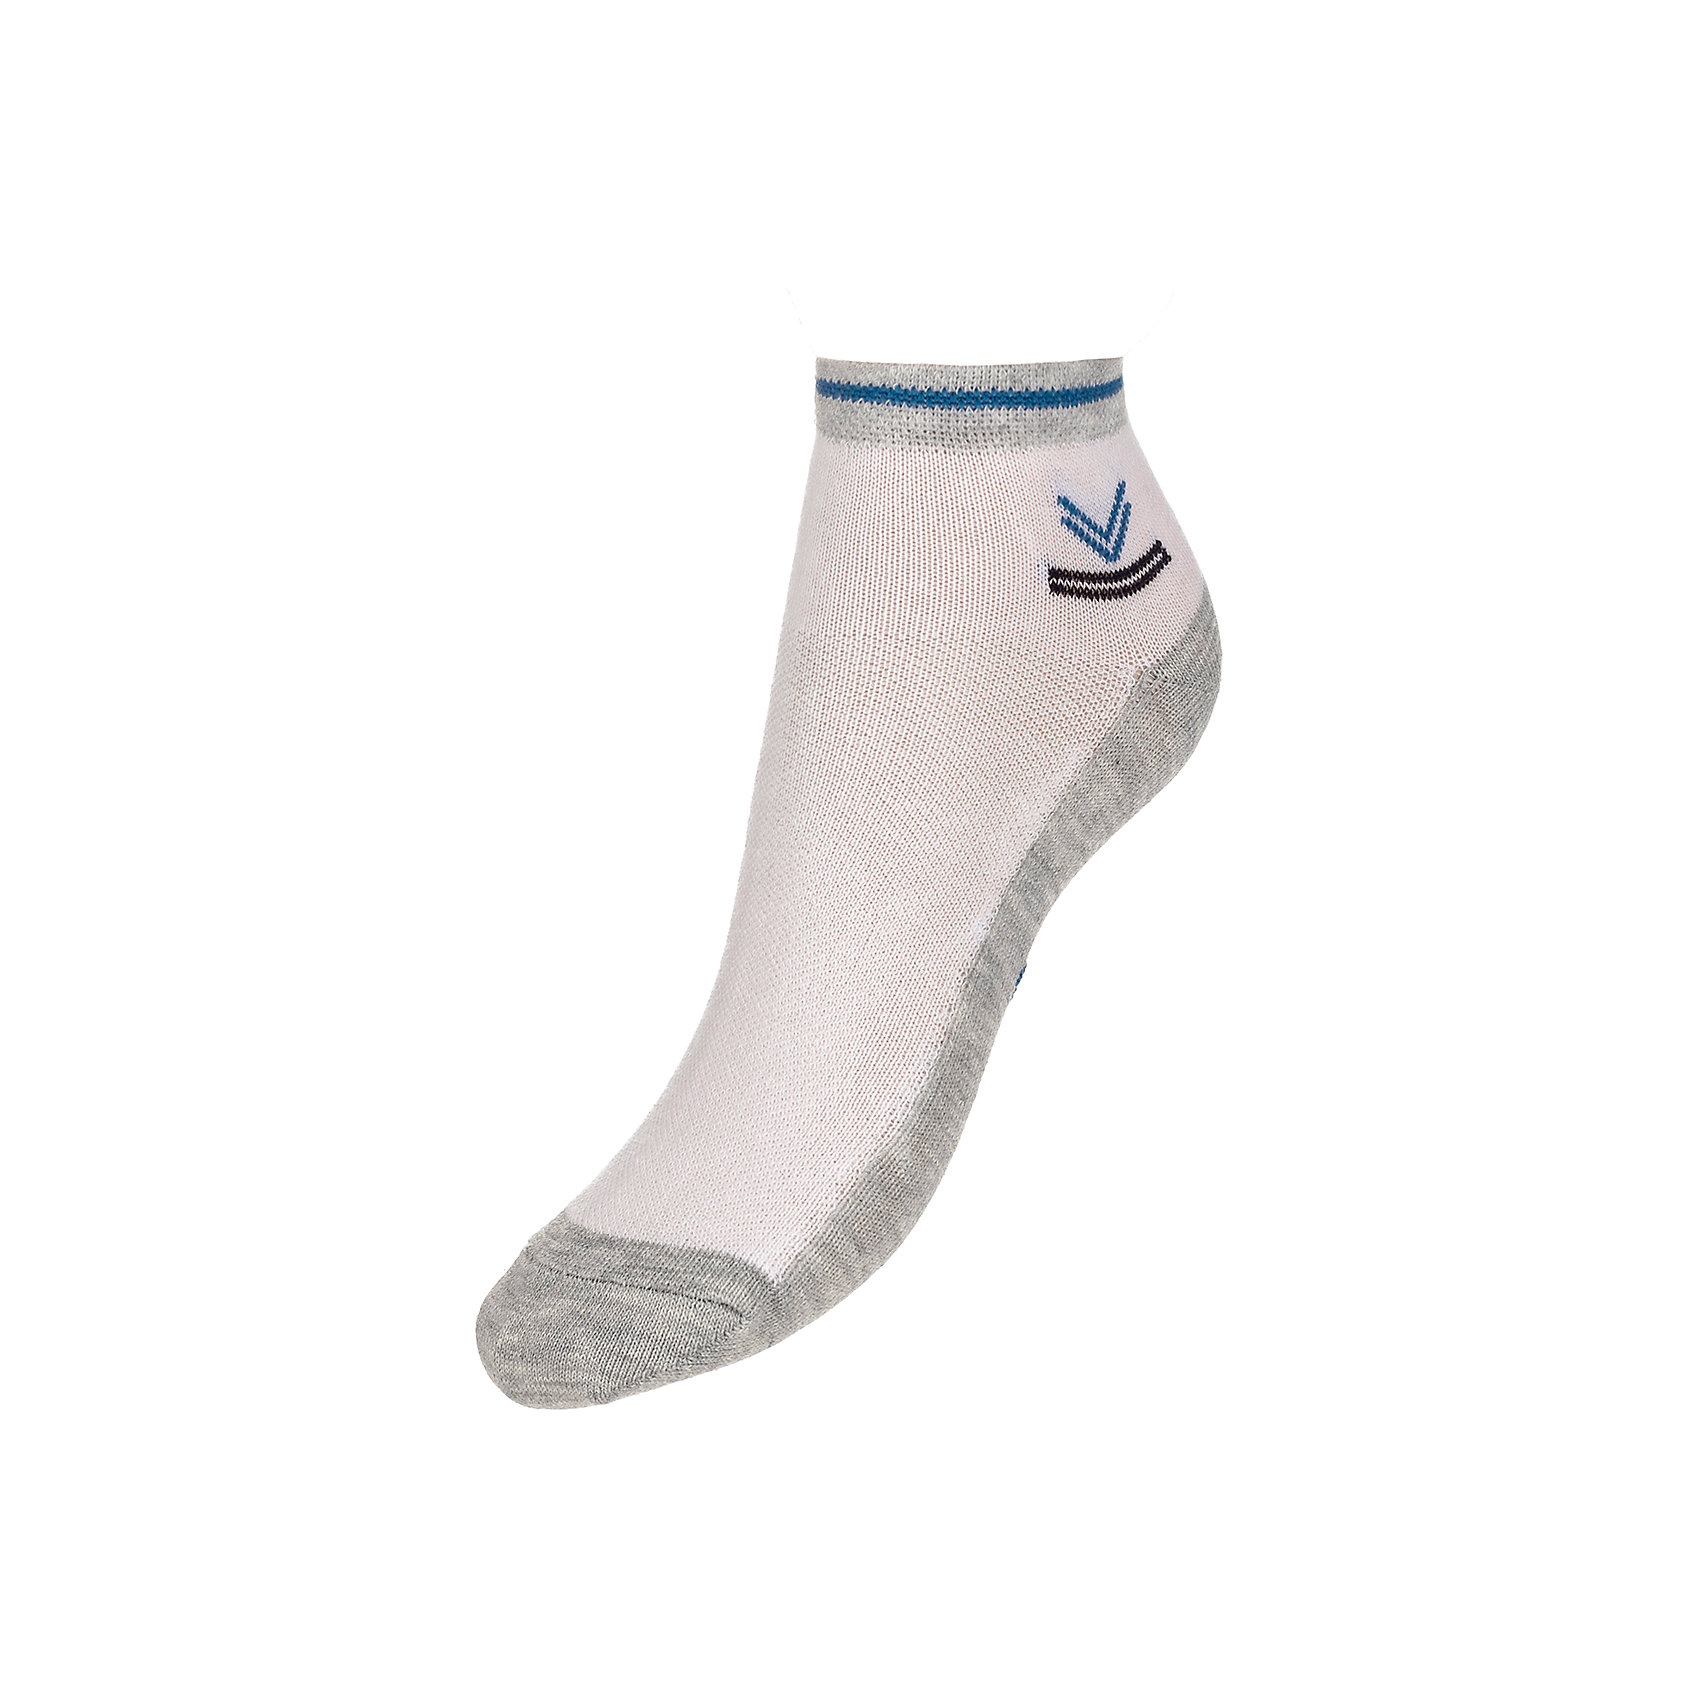 Носки ( 2 пары) BaykarНоски<br>Характеристики товара:<br><br>• цвет: серый<br>• состав ткани: 75% хлопок; 22% полиамид; 3% эластан<br>• комплектация: 2 пары<br>• сезон: круглый год<br>• страна бренда: Турция<br>• страна изготовитель: Турция<br><br>Такой набор носков от турецкого бренда Baykar создан специально для детей. Мягкие хлопковые носки дают коже дышать, хорошо впитывают влагу. <br><br>Мягкая резинка не давит на ногу. Качественные носки - залог комфорта ребенка. <br><br>Носки (2 пары) Baykar (Байкар) можно купить в нашем интернет-магазине.<br><br>Ширина мм: 87<br>Глубина мм: 10<br>Высота мм: 105<br>Вес г: 115<br>Цвет: серый<br>Возраст от месяцев: 132<br>Возраст до месяцев: 1188<br>Пол: Унисекс<br>Возраст: Детский<br>Размер: 22-24,18-20,20-22<br>SKU: 6863874